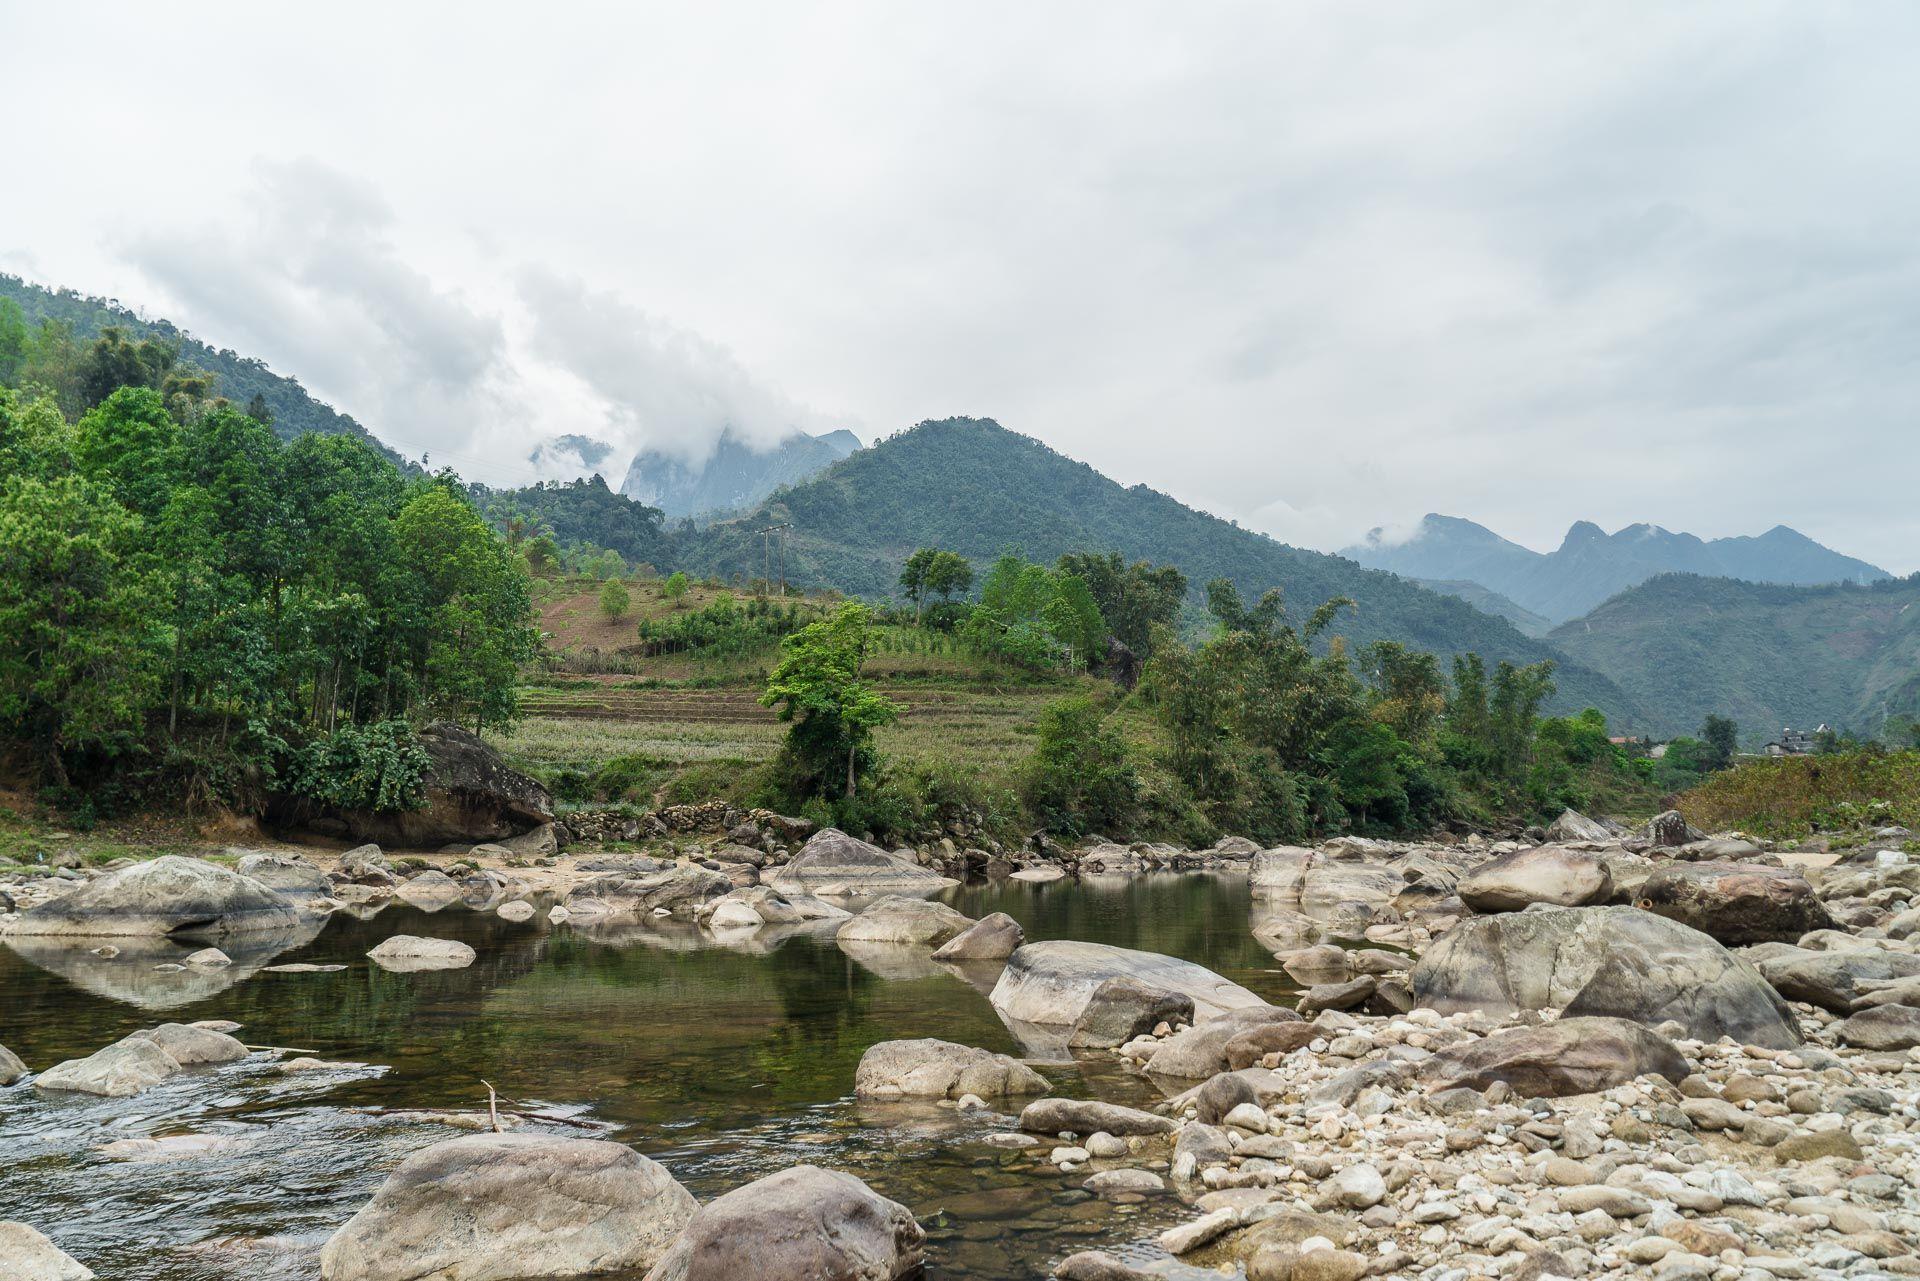 lesvoyageuses-trek-sapa-minorites-ethniques-itineraire-vietnam-42